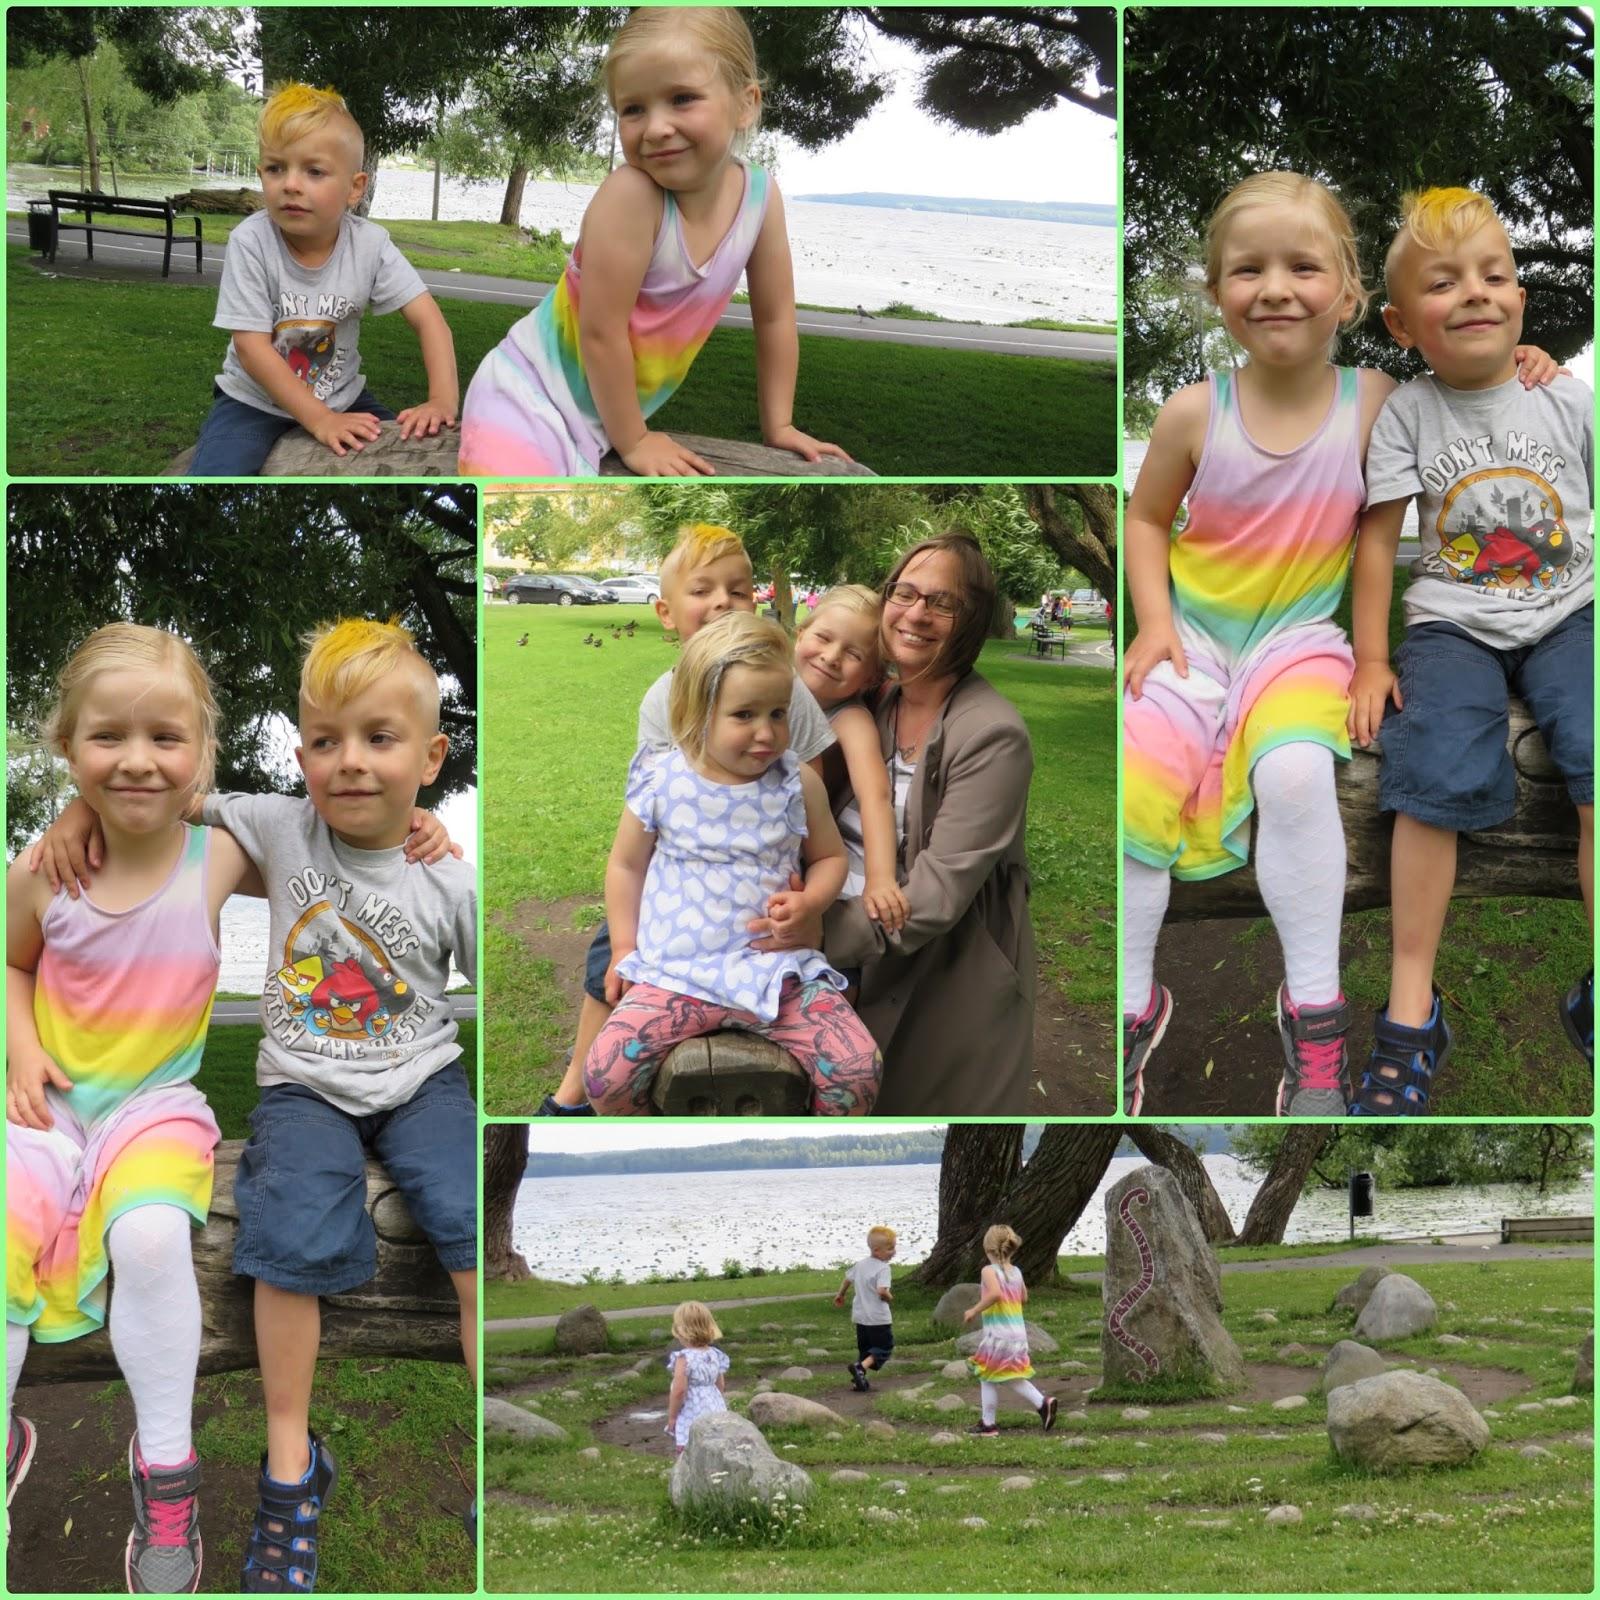 Familjen sundström: frisör och mys i sigtuna